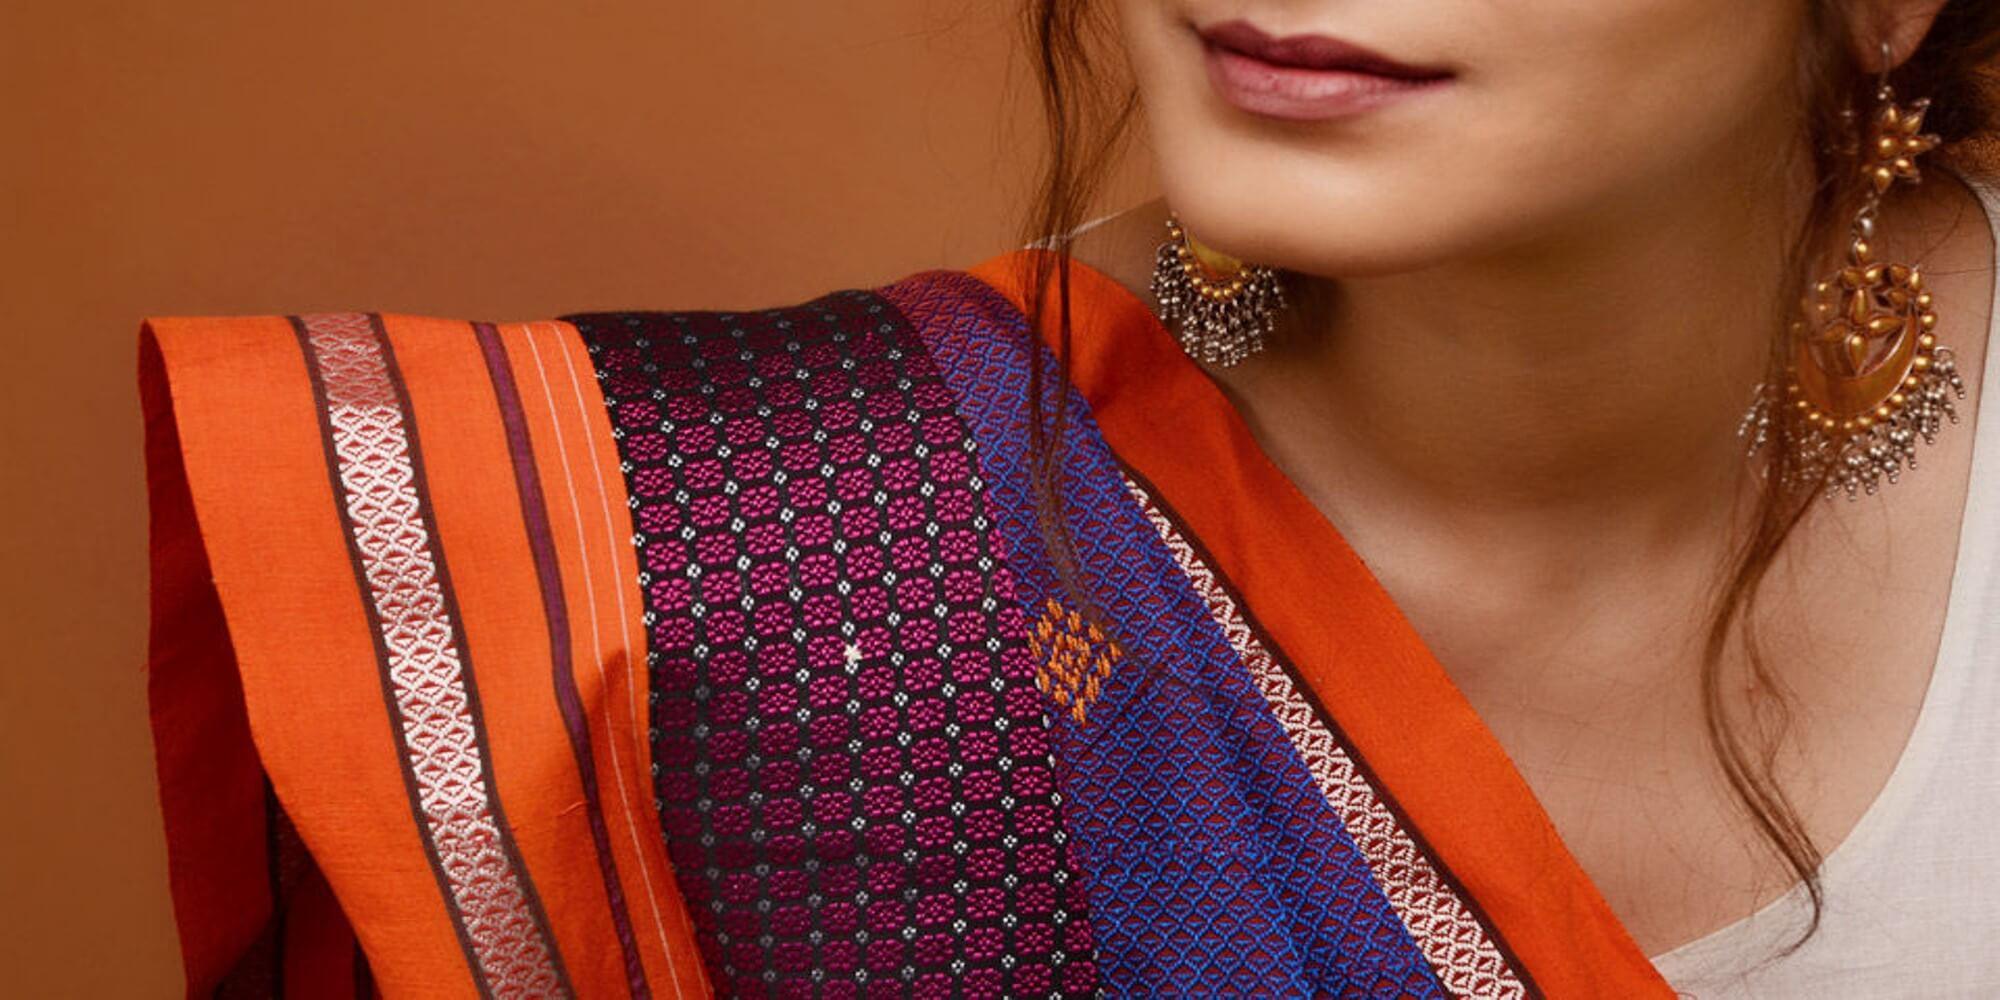 kastui folk embroidery karnataka image